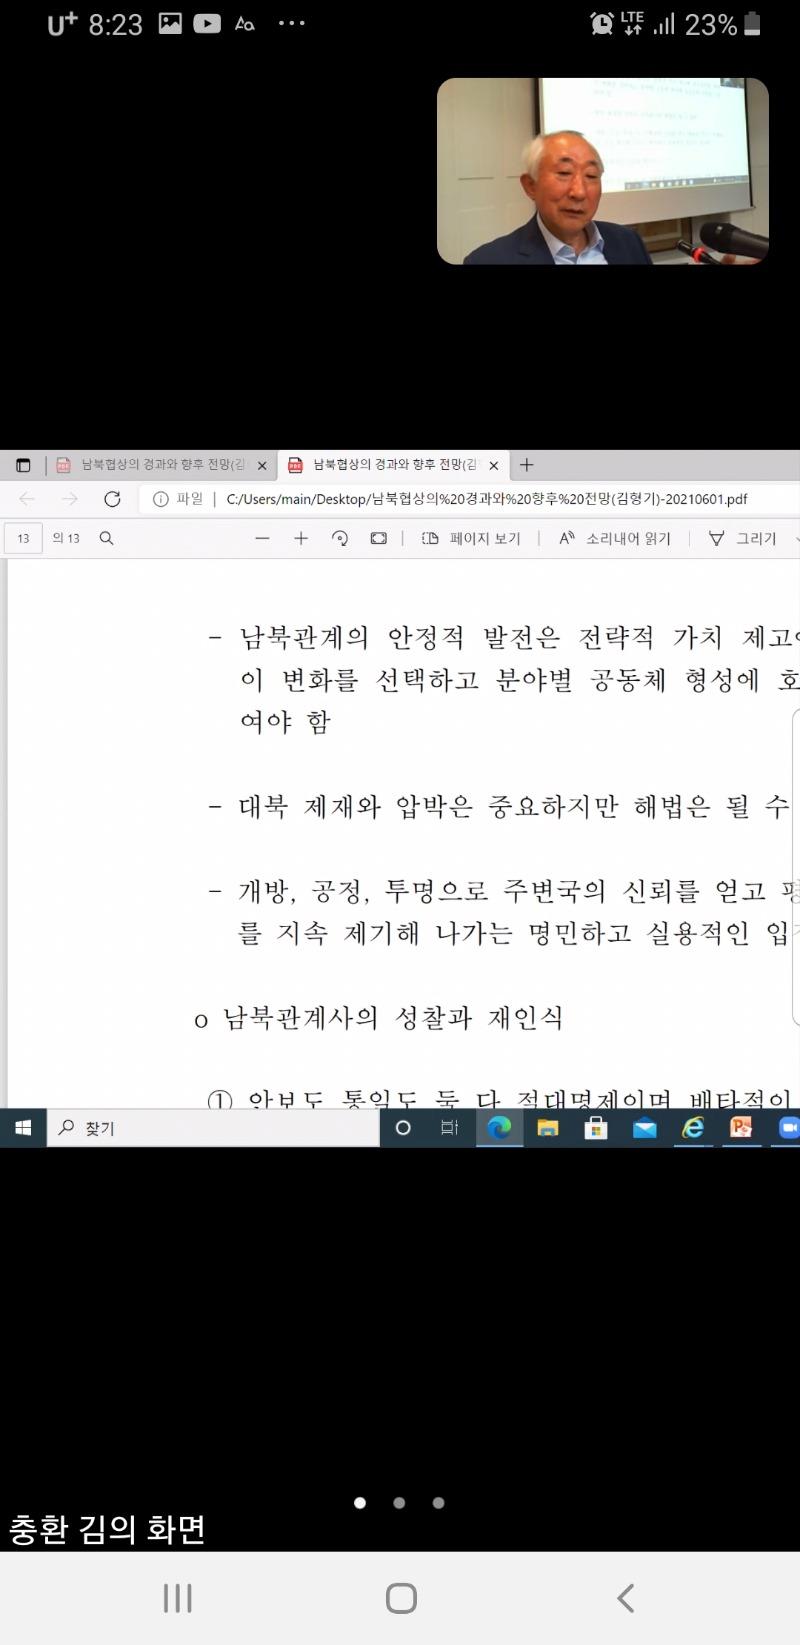 제11기 대북협상 아카데미 제6강 비대면 강의사진6.jpg